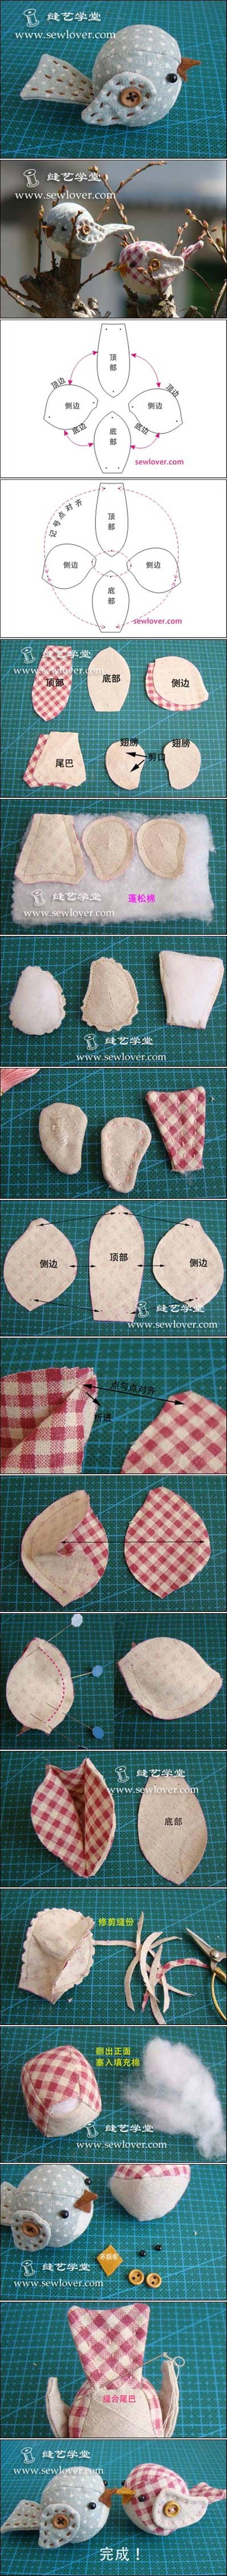 Fabric Bird - Schnittmuster, bebilderte Anleitung (chinesisch)